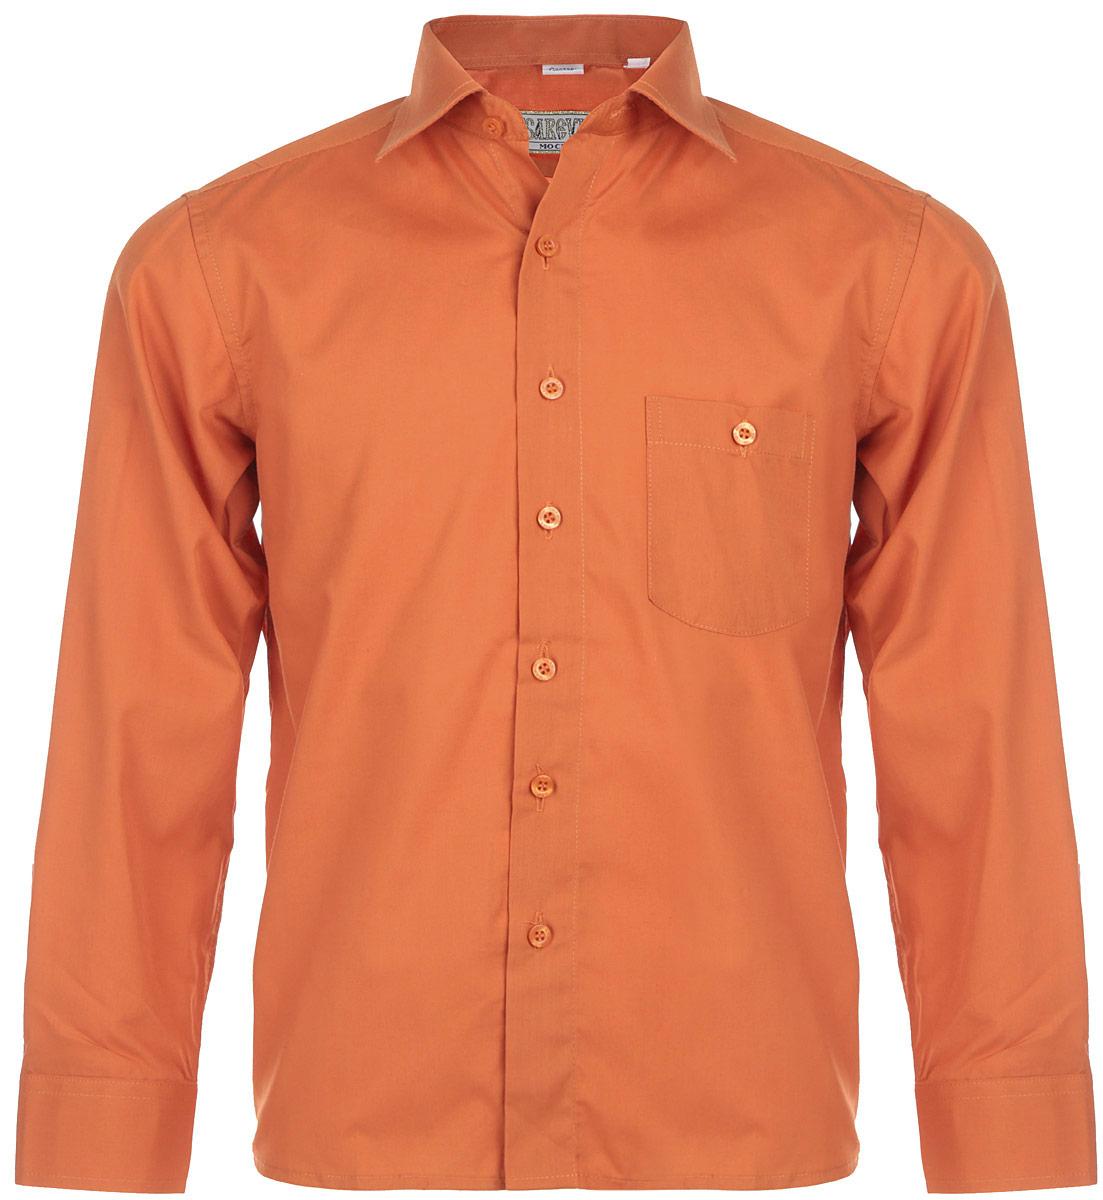 KR-68Стильная рубашка для мальчика Tsarevich идеально подойдет вашему юному мужчине. Изготовленная из хлопка с добавлением полиэстера, она мягкая и приятная на ощупь, не сковывает движения и позволяет коже дышать, не раздражает даже самую нежную и чувствительную кожу ребенка, обеспечивая ему наибольший комфорт. Модель классического кроя с длинными рукавами и отложным воротничком застегивается по всей длине на пуговицы. На груди располагается накладной карман на пуговице. Края рукавов дополнены широкими манжетами на пуговицах. Такая рубашка будет прекрасно смотреться с брюками и джинсами. Она станет неотъемлемой частью детского гардероба.